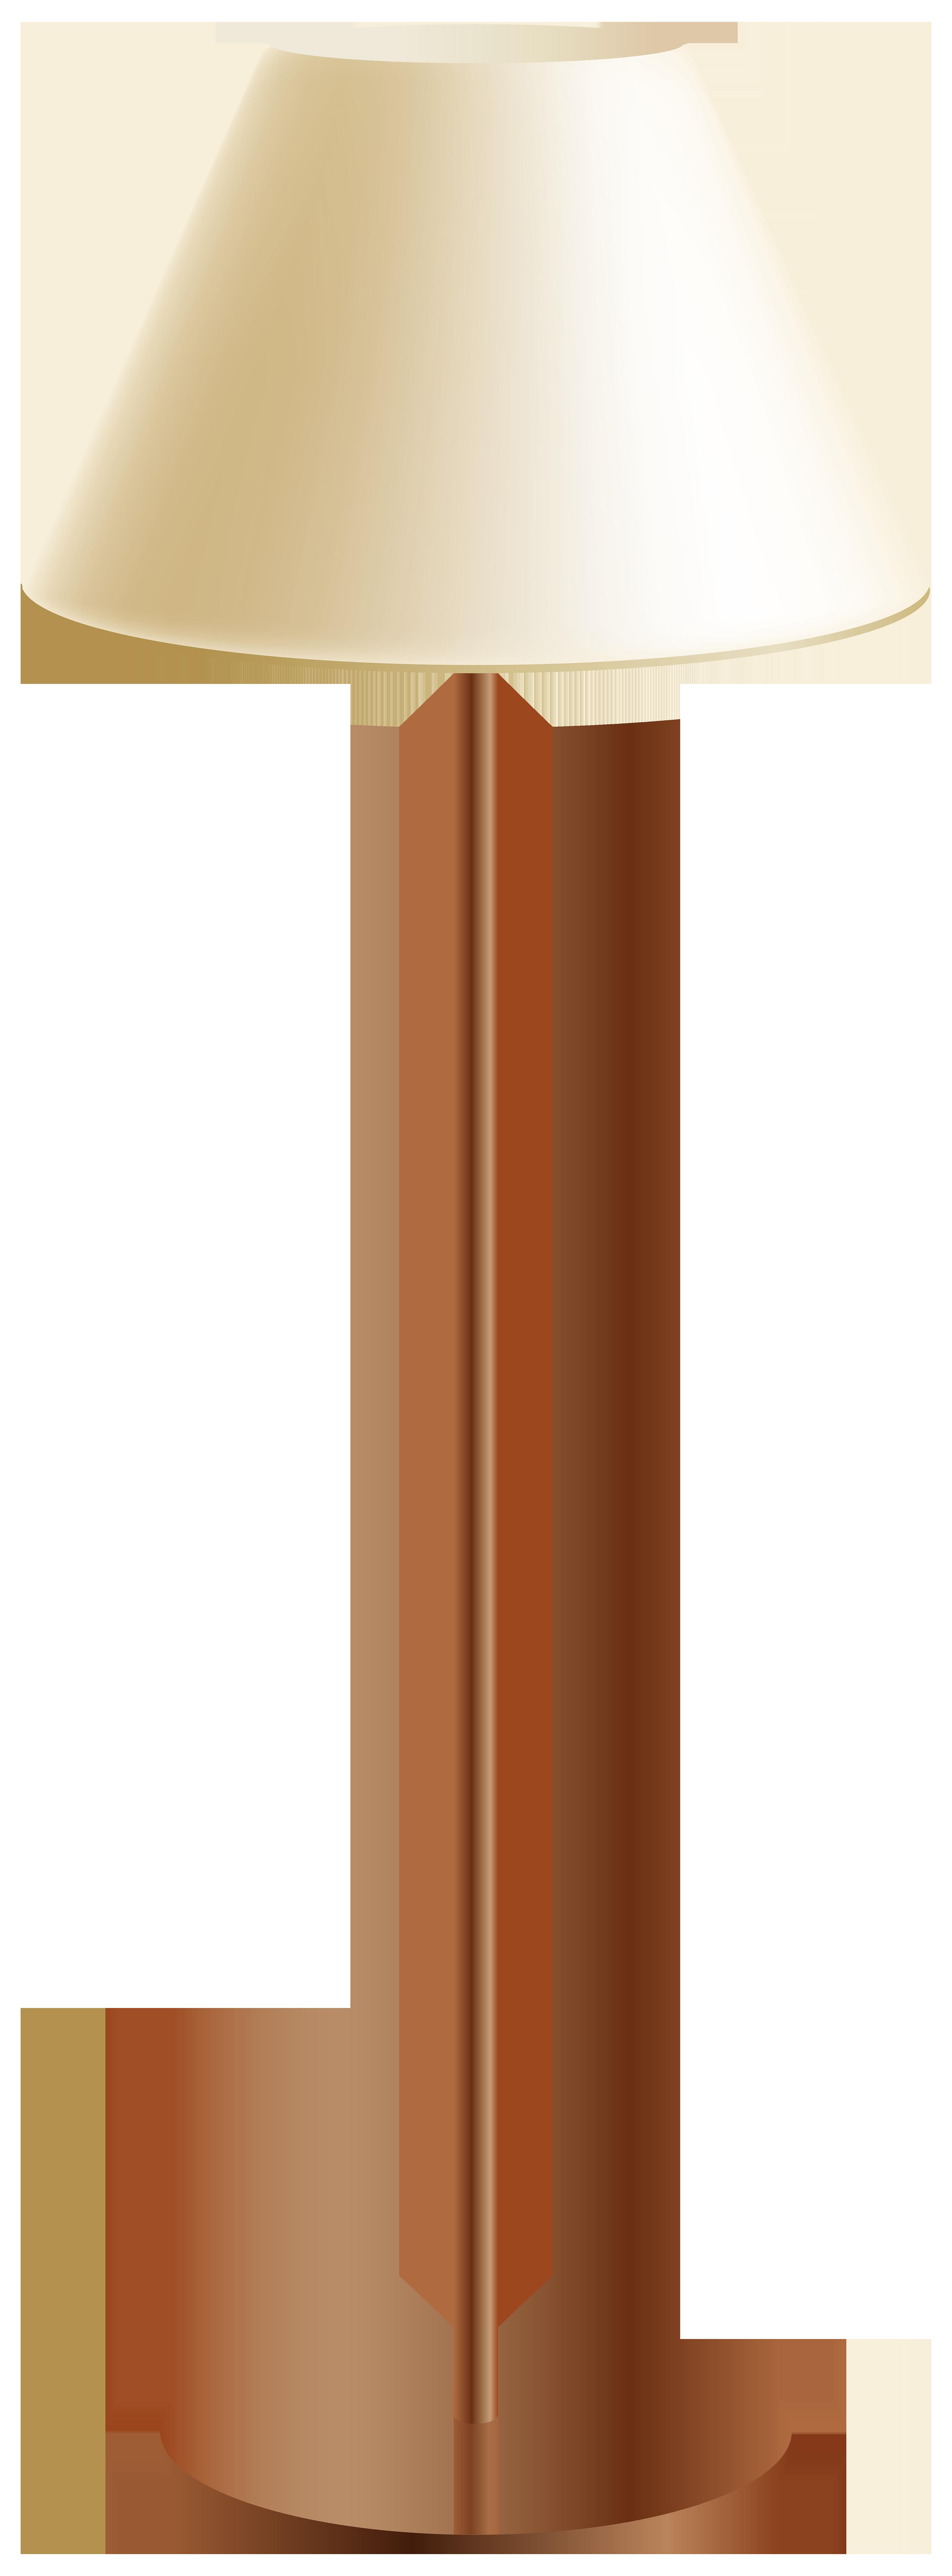 2956x8000 Standard Lamp Lamp Png Clip Art